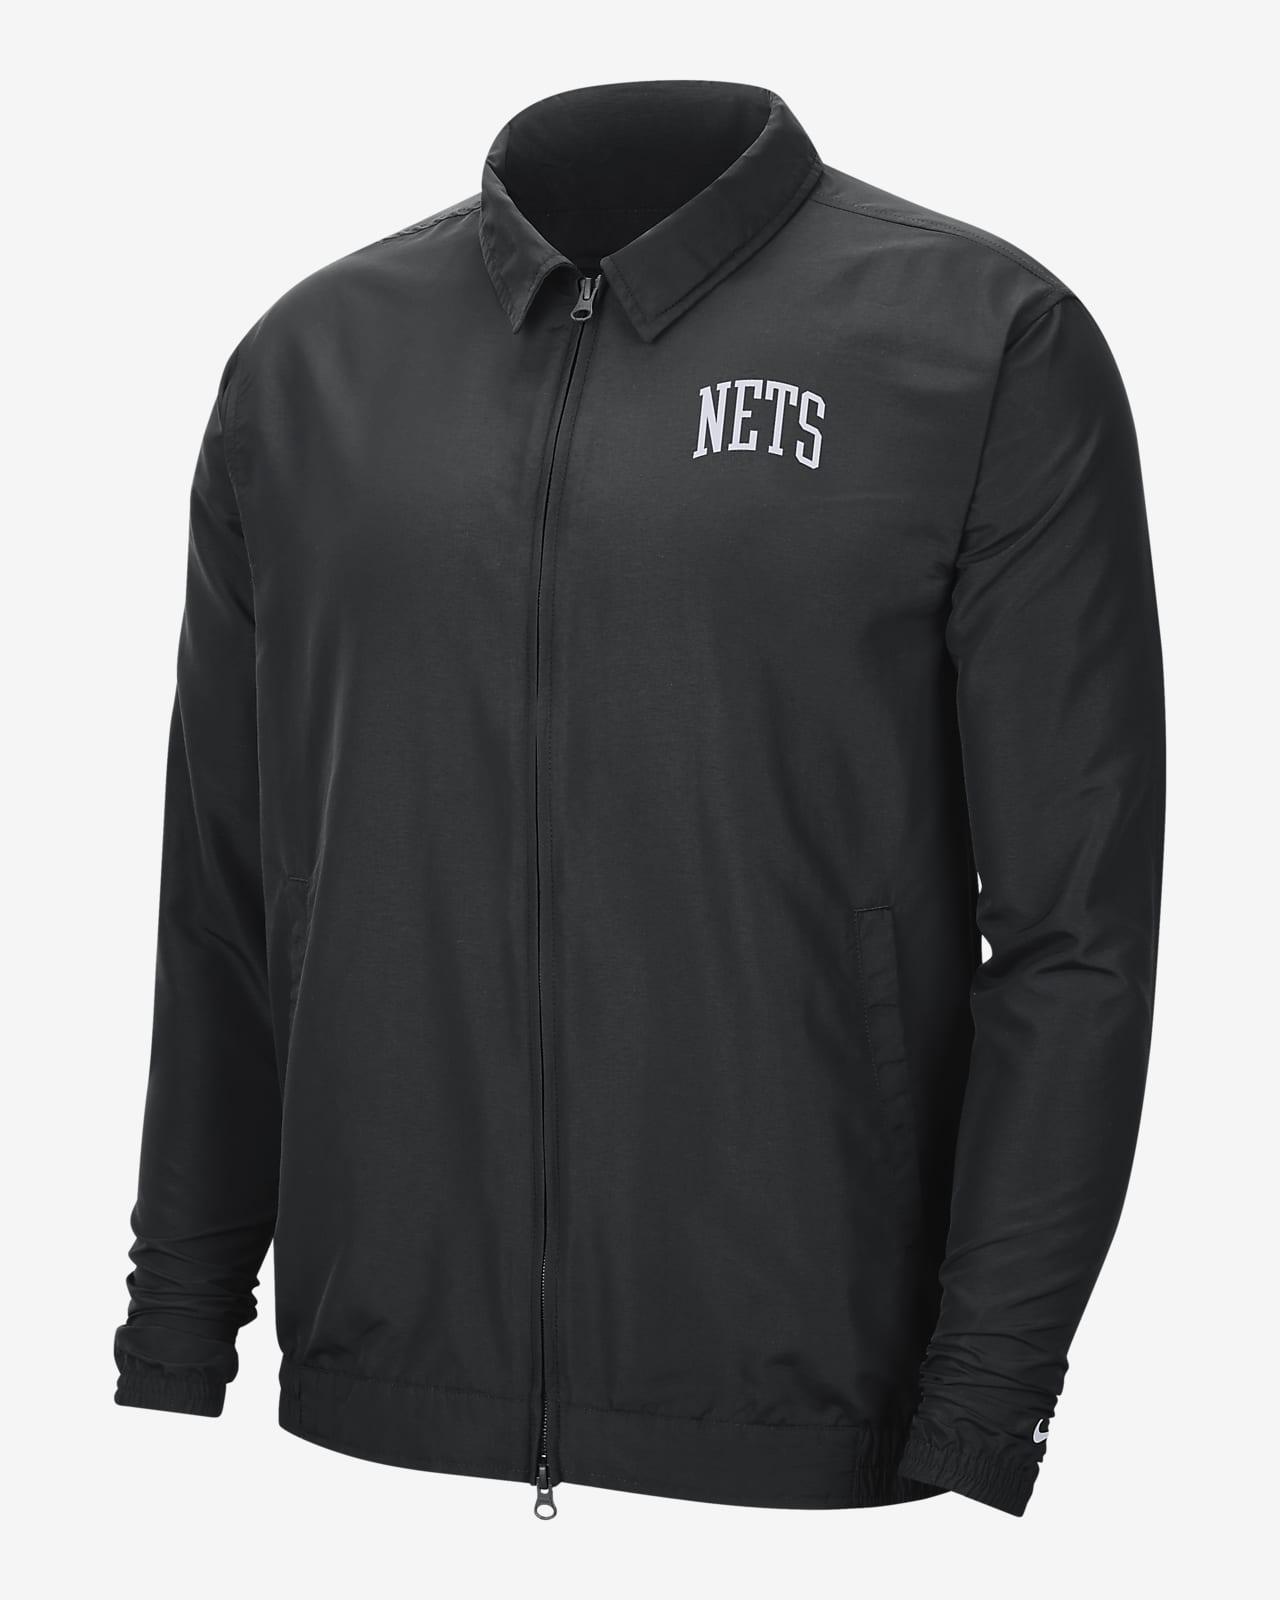 布鲁克林篮网队 Nike NBA 男子夹克